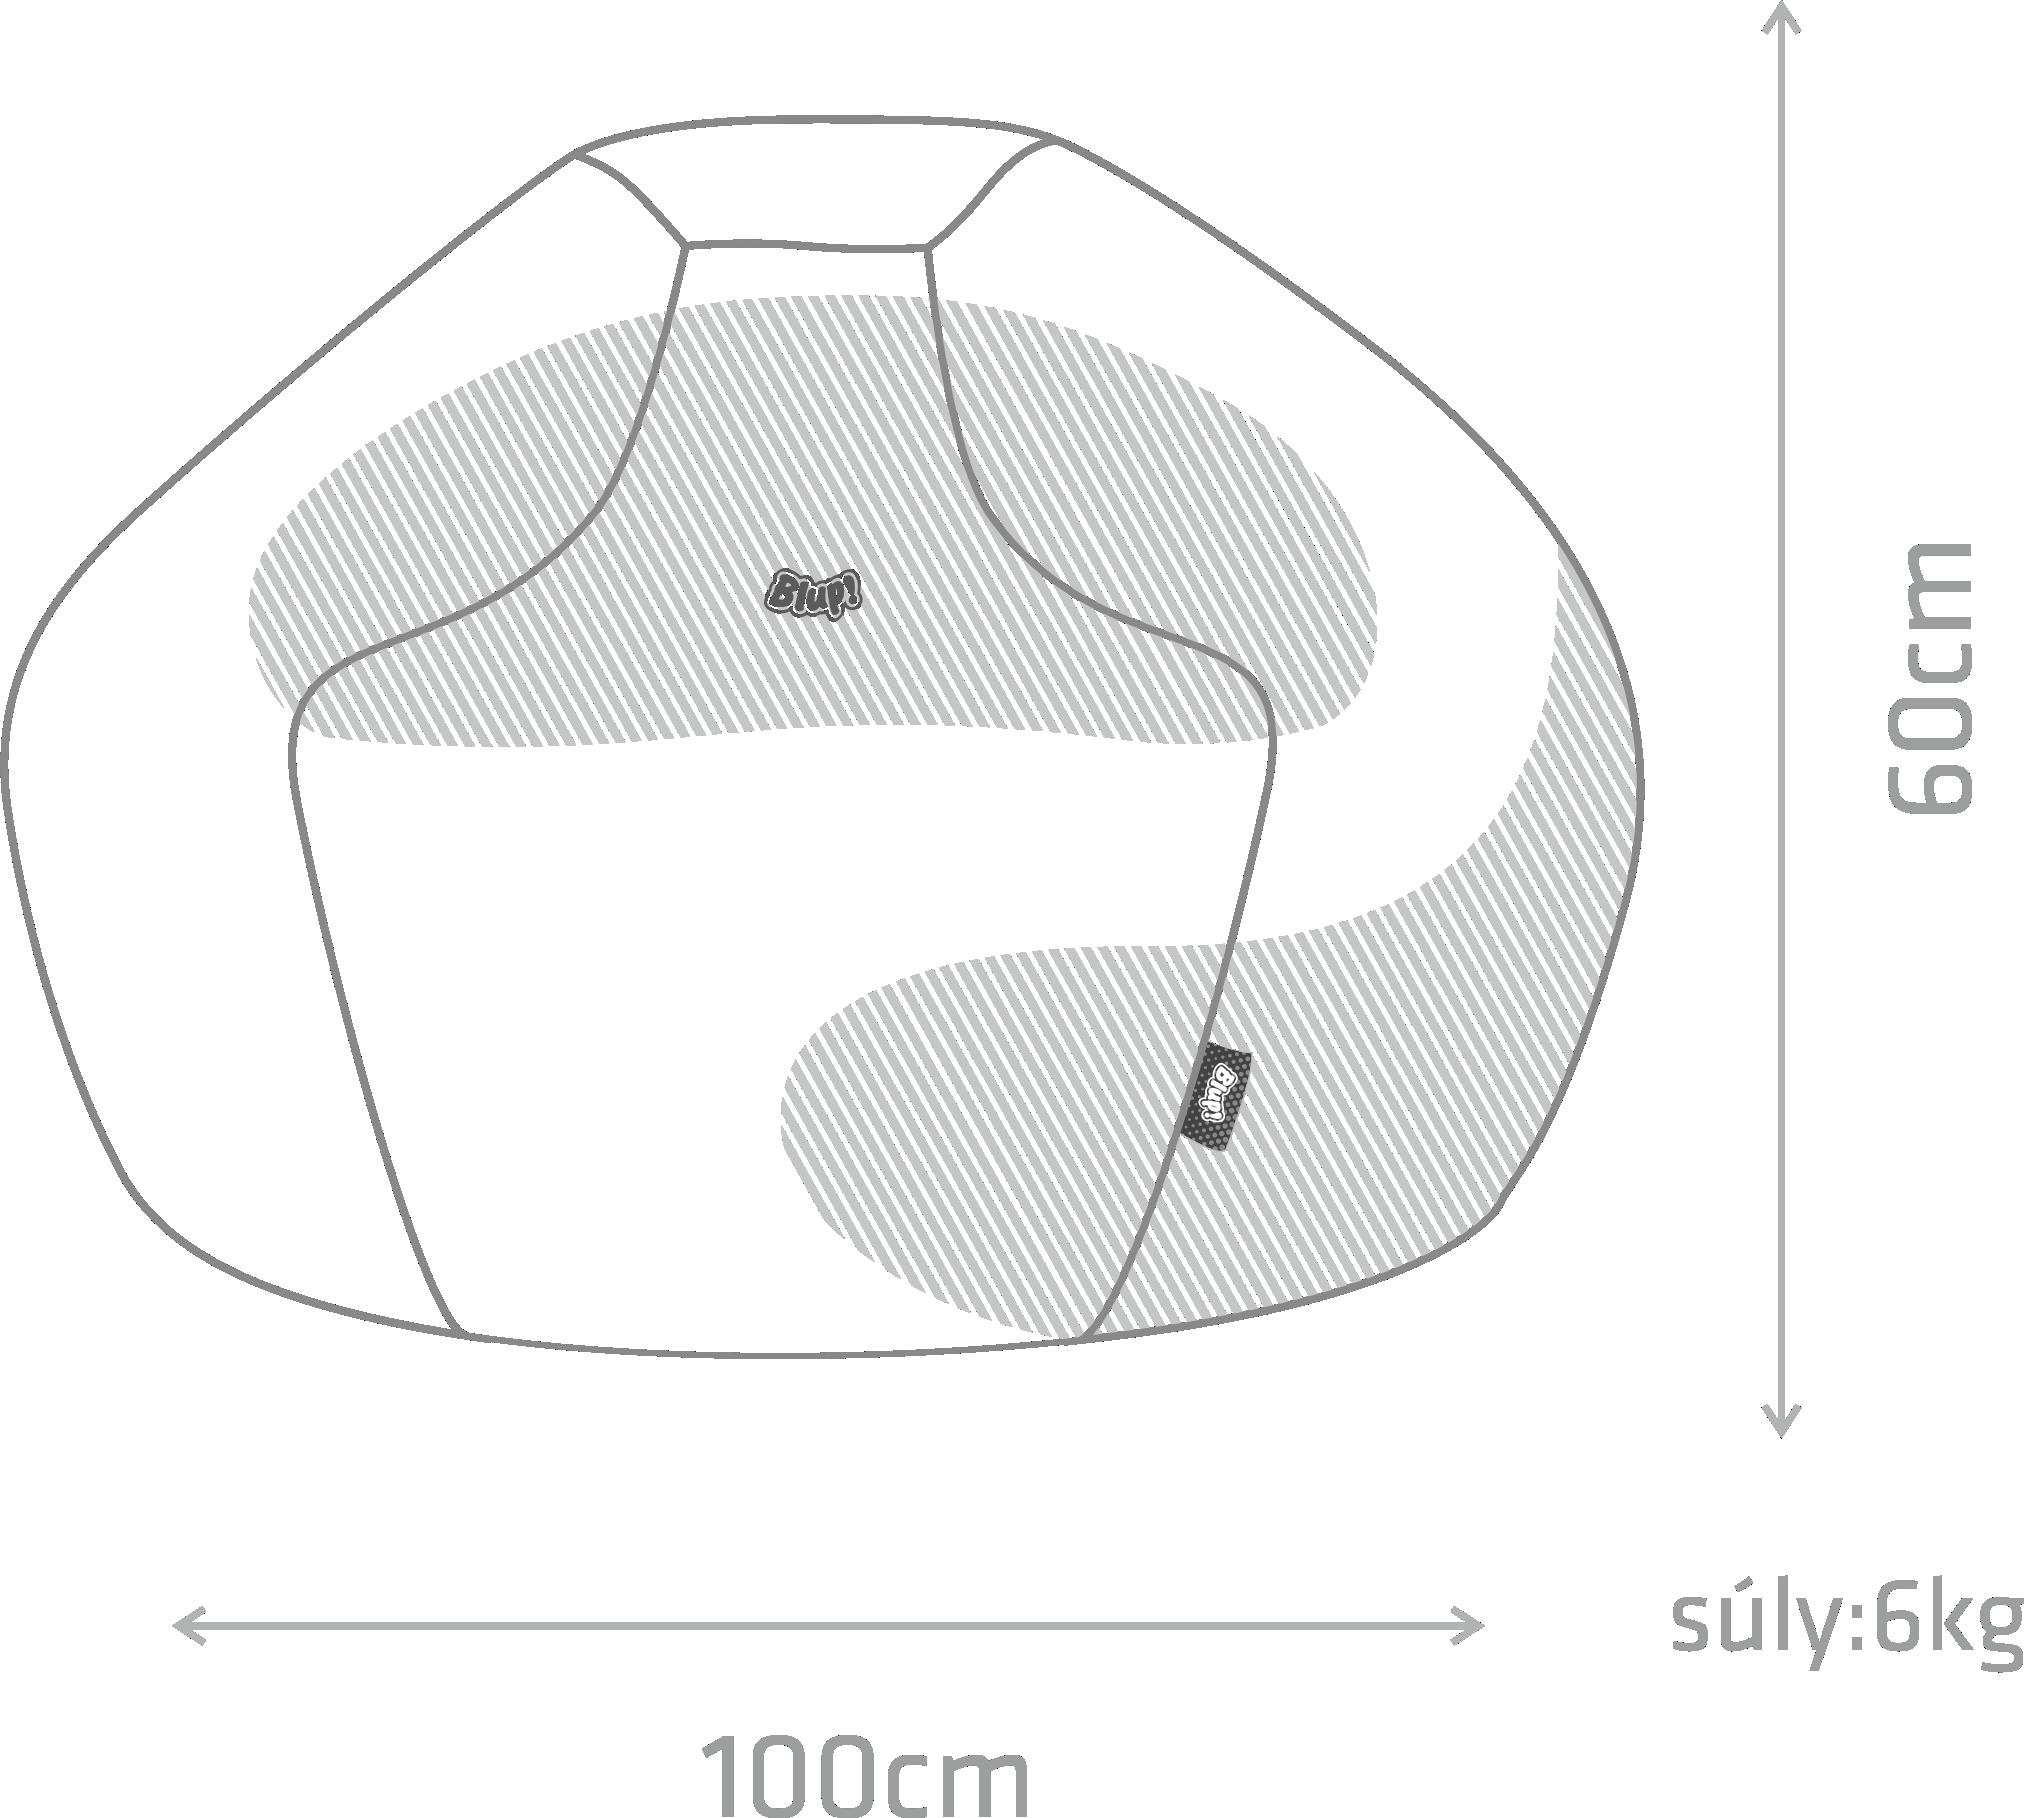 Maharadja / LIFE 56 méretek